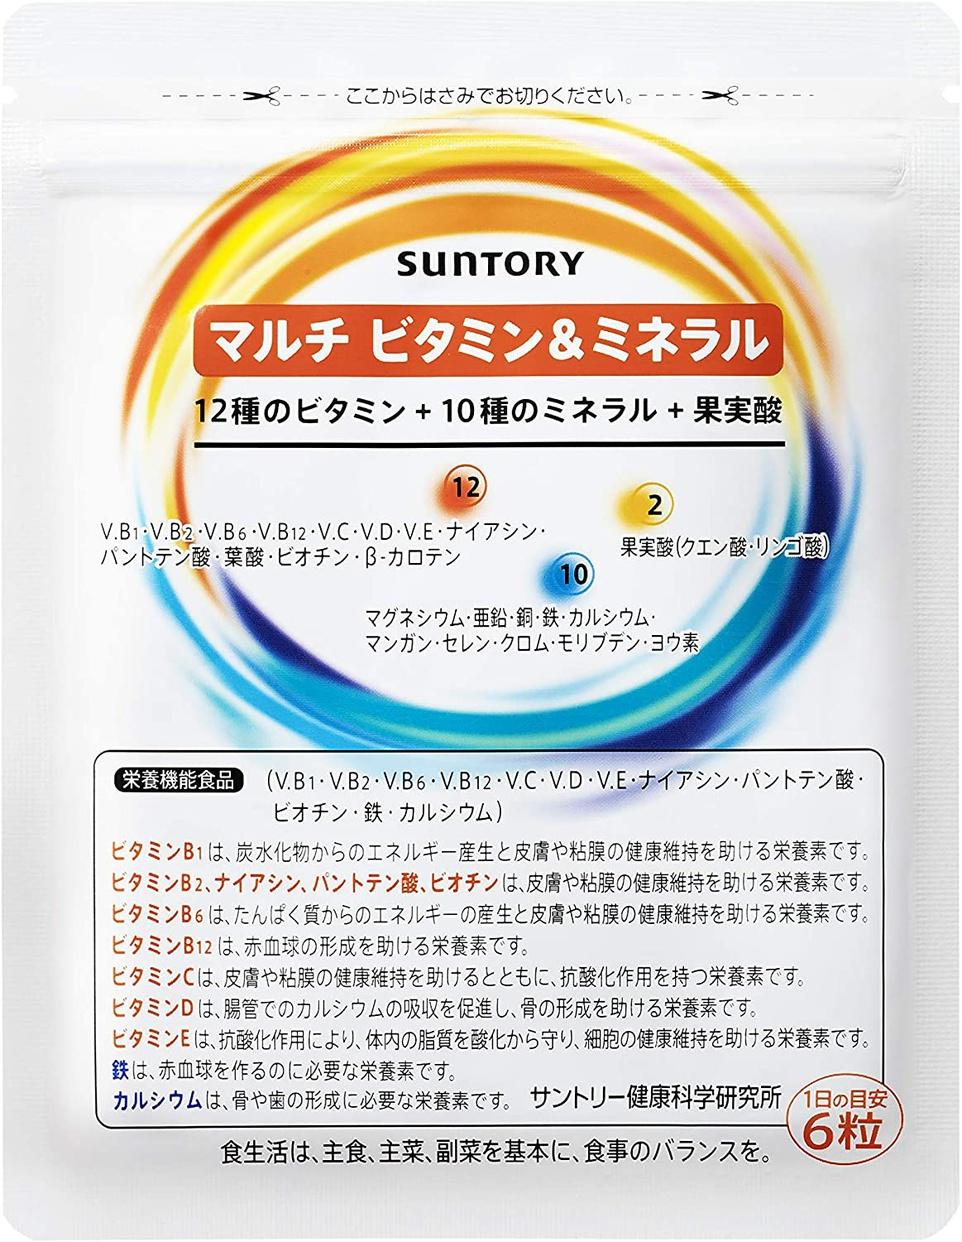 SUNTORY(サントリー) マルチ ビタミン&ミネラルの商品画像